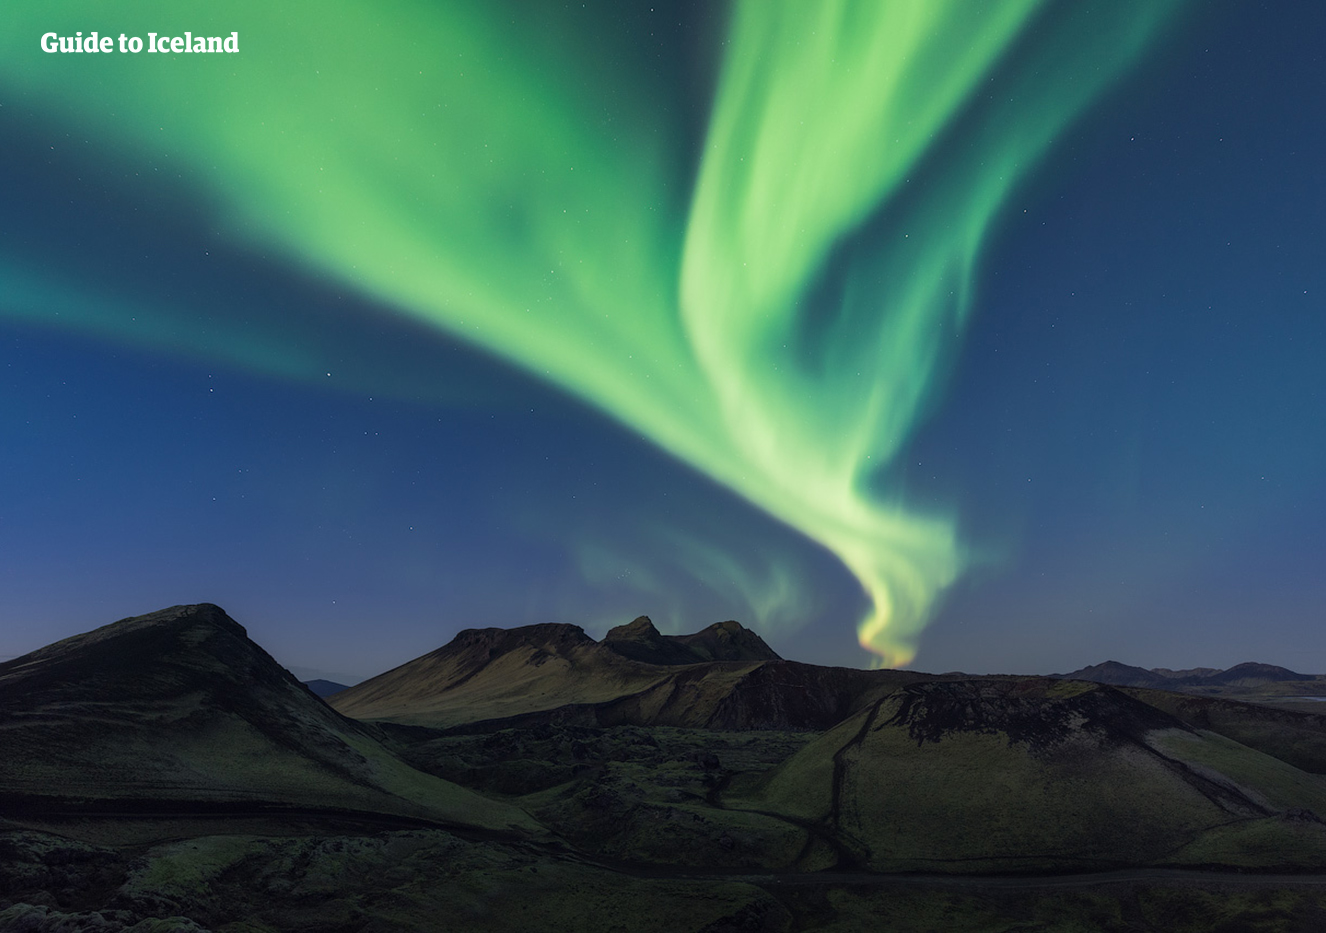 Noorderlichtexcursies worden uitgevoerd op het land en op zee, en met beide opties maak je grote kans om de ongelooflijke poollichten te spotten.